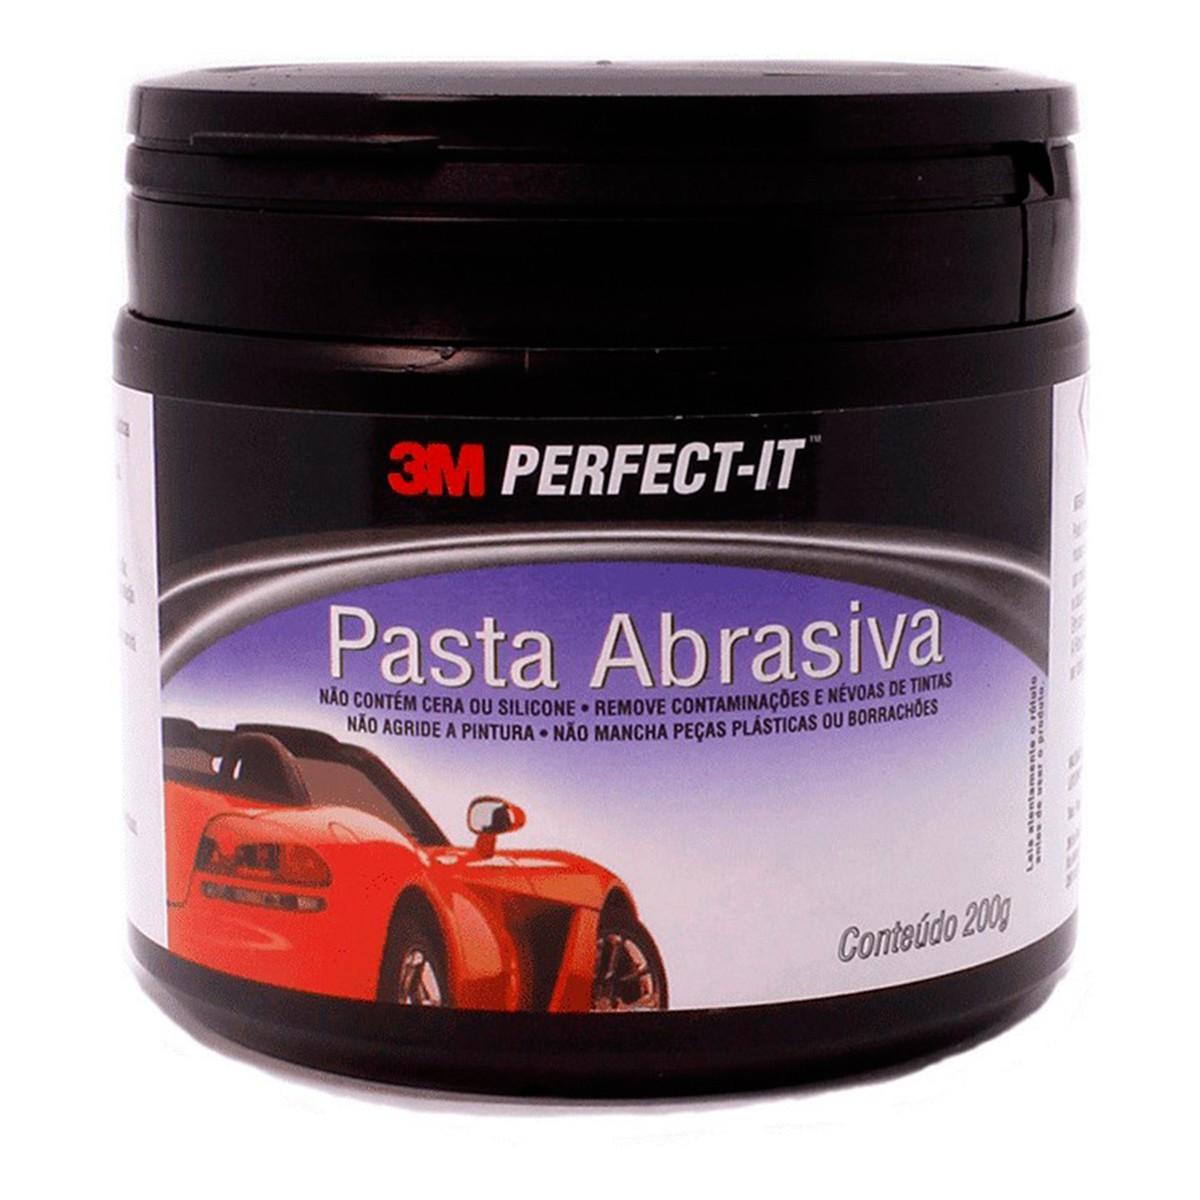 Pasta Abrasiva 200g - 3M